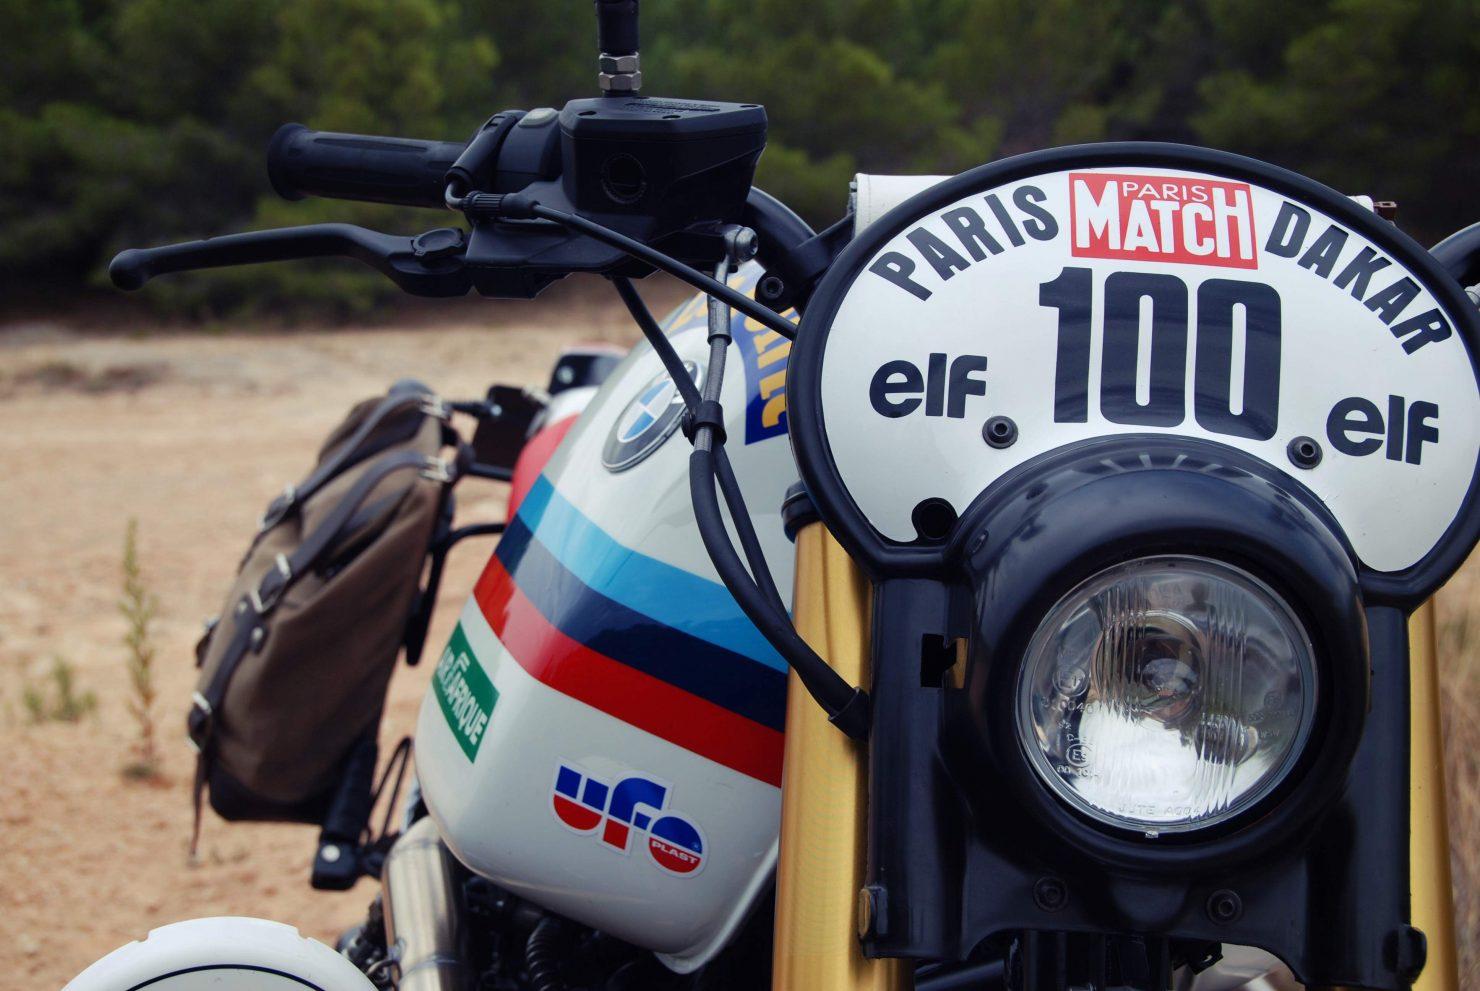 BMW R Nine T Custom Motorbike 19 1480x991 - XTR Pepo BMW R nineT Paris Dakar